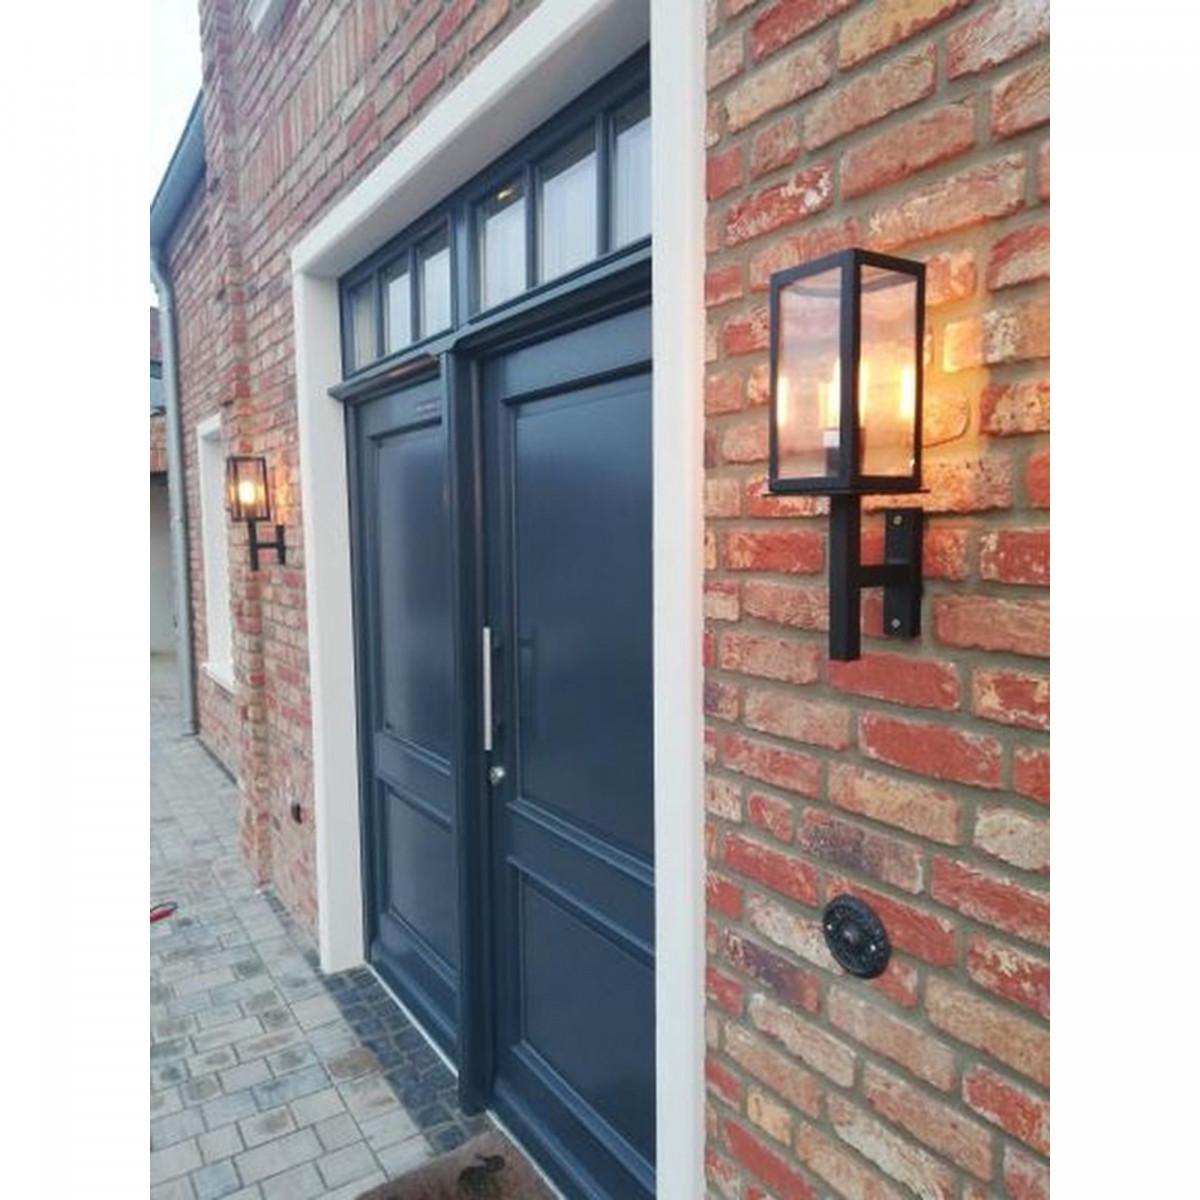 Buitenlamp Bilthoven zijdeglans zwarte buiten wandlamp super stijlvol strak klassiek vormgegeven, rechte steun, strakke belijning, heldere glazen, box design handmade kwaliteitsverlichting